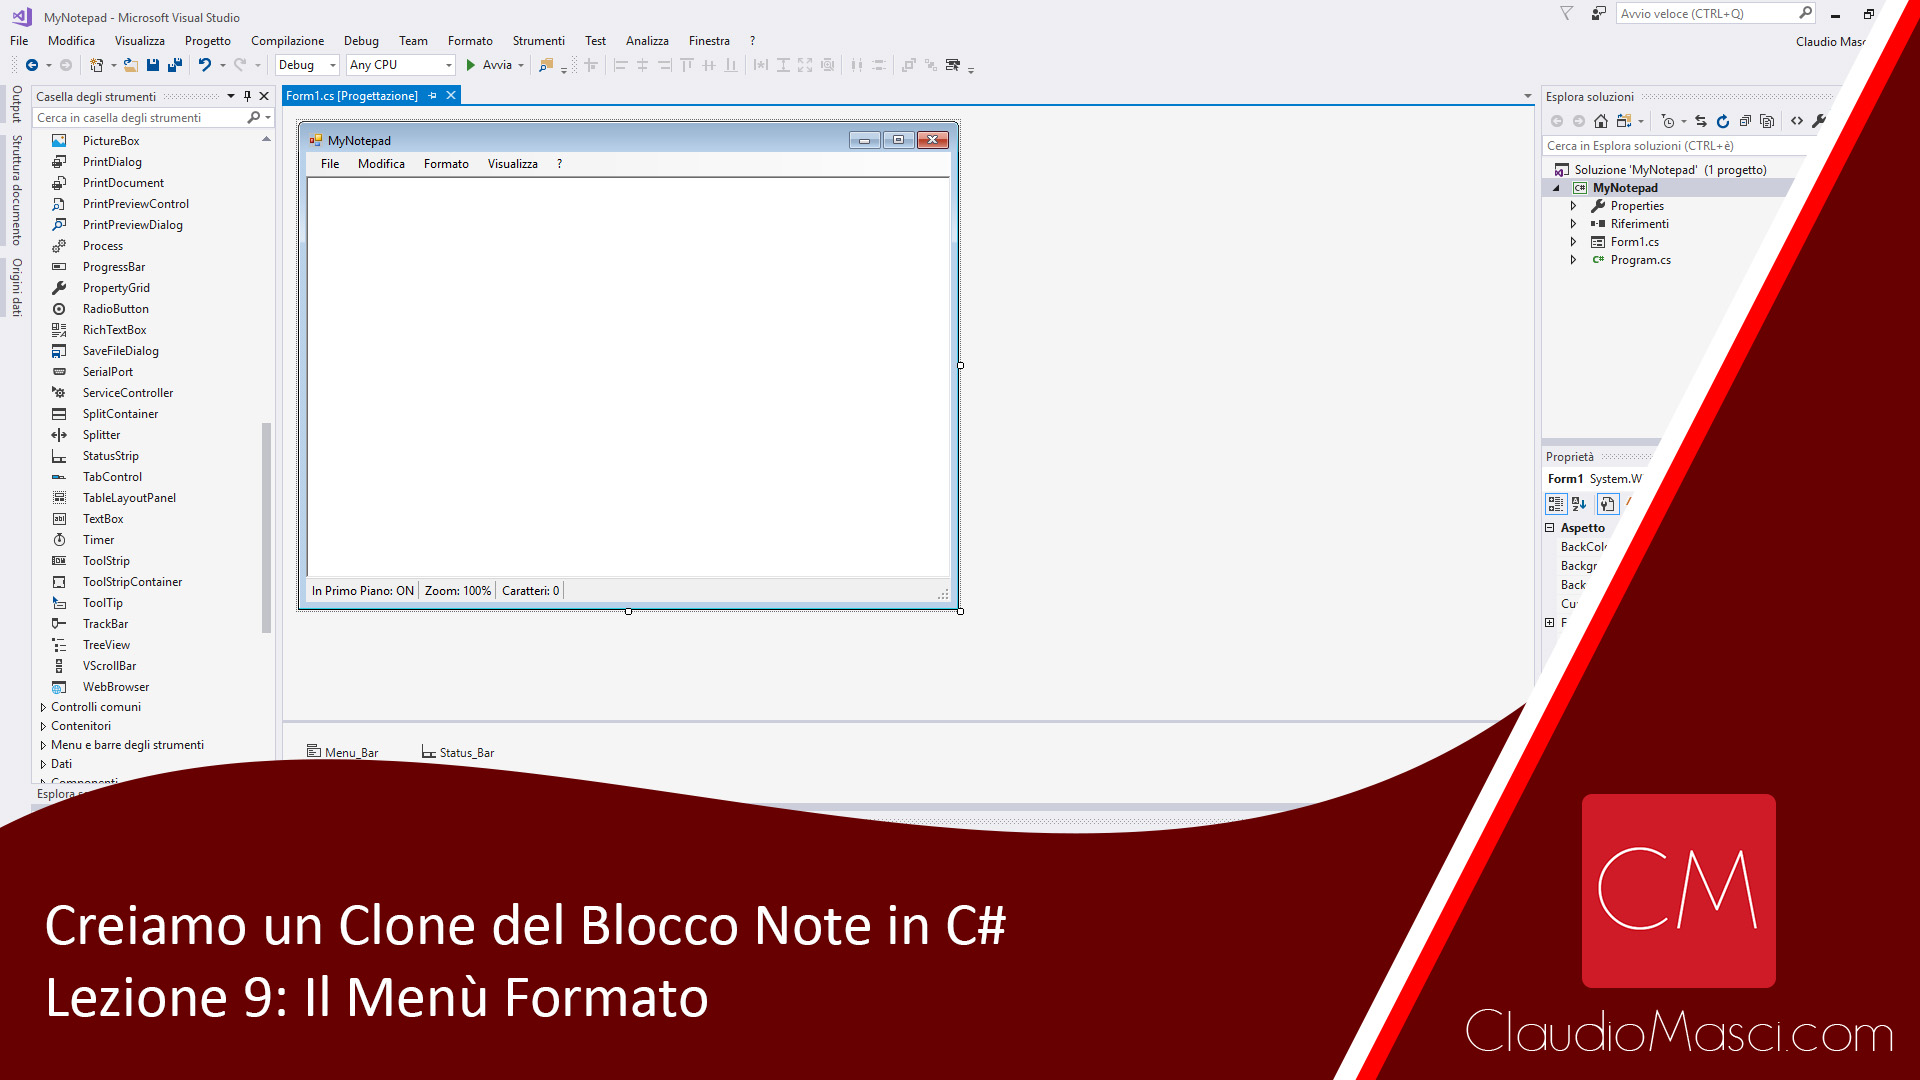 Creiamo un clone del Blocco Note in C# – Lezione 9: Il Menù Formato